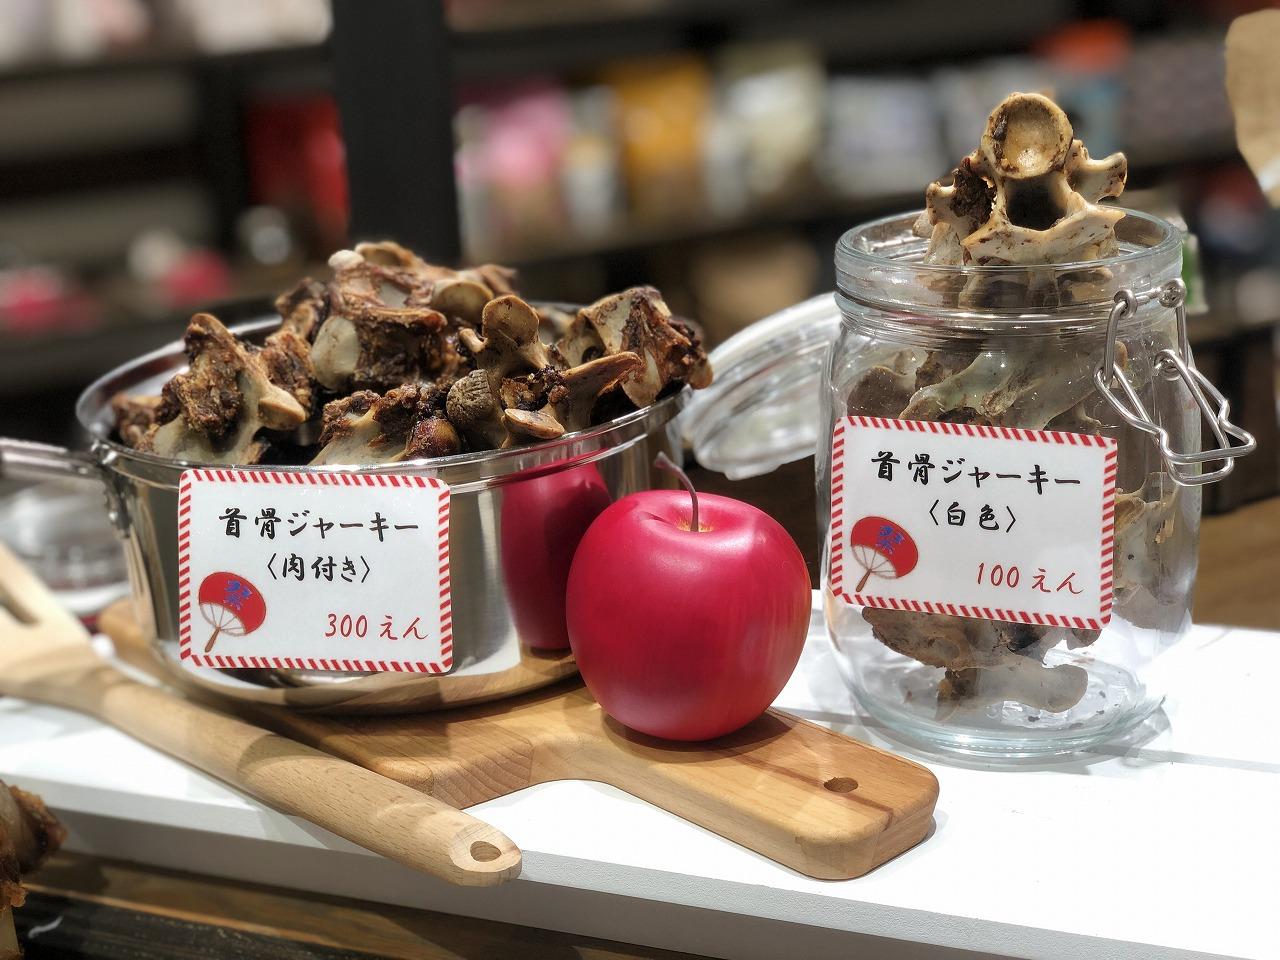 2019/07/03-09 宝塚 MOMOKA 鹿骨ジャーキー販売会